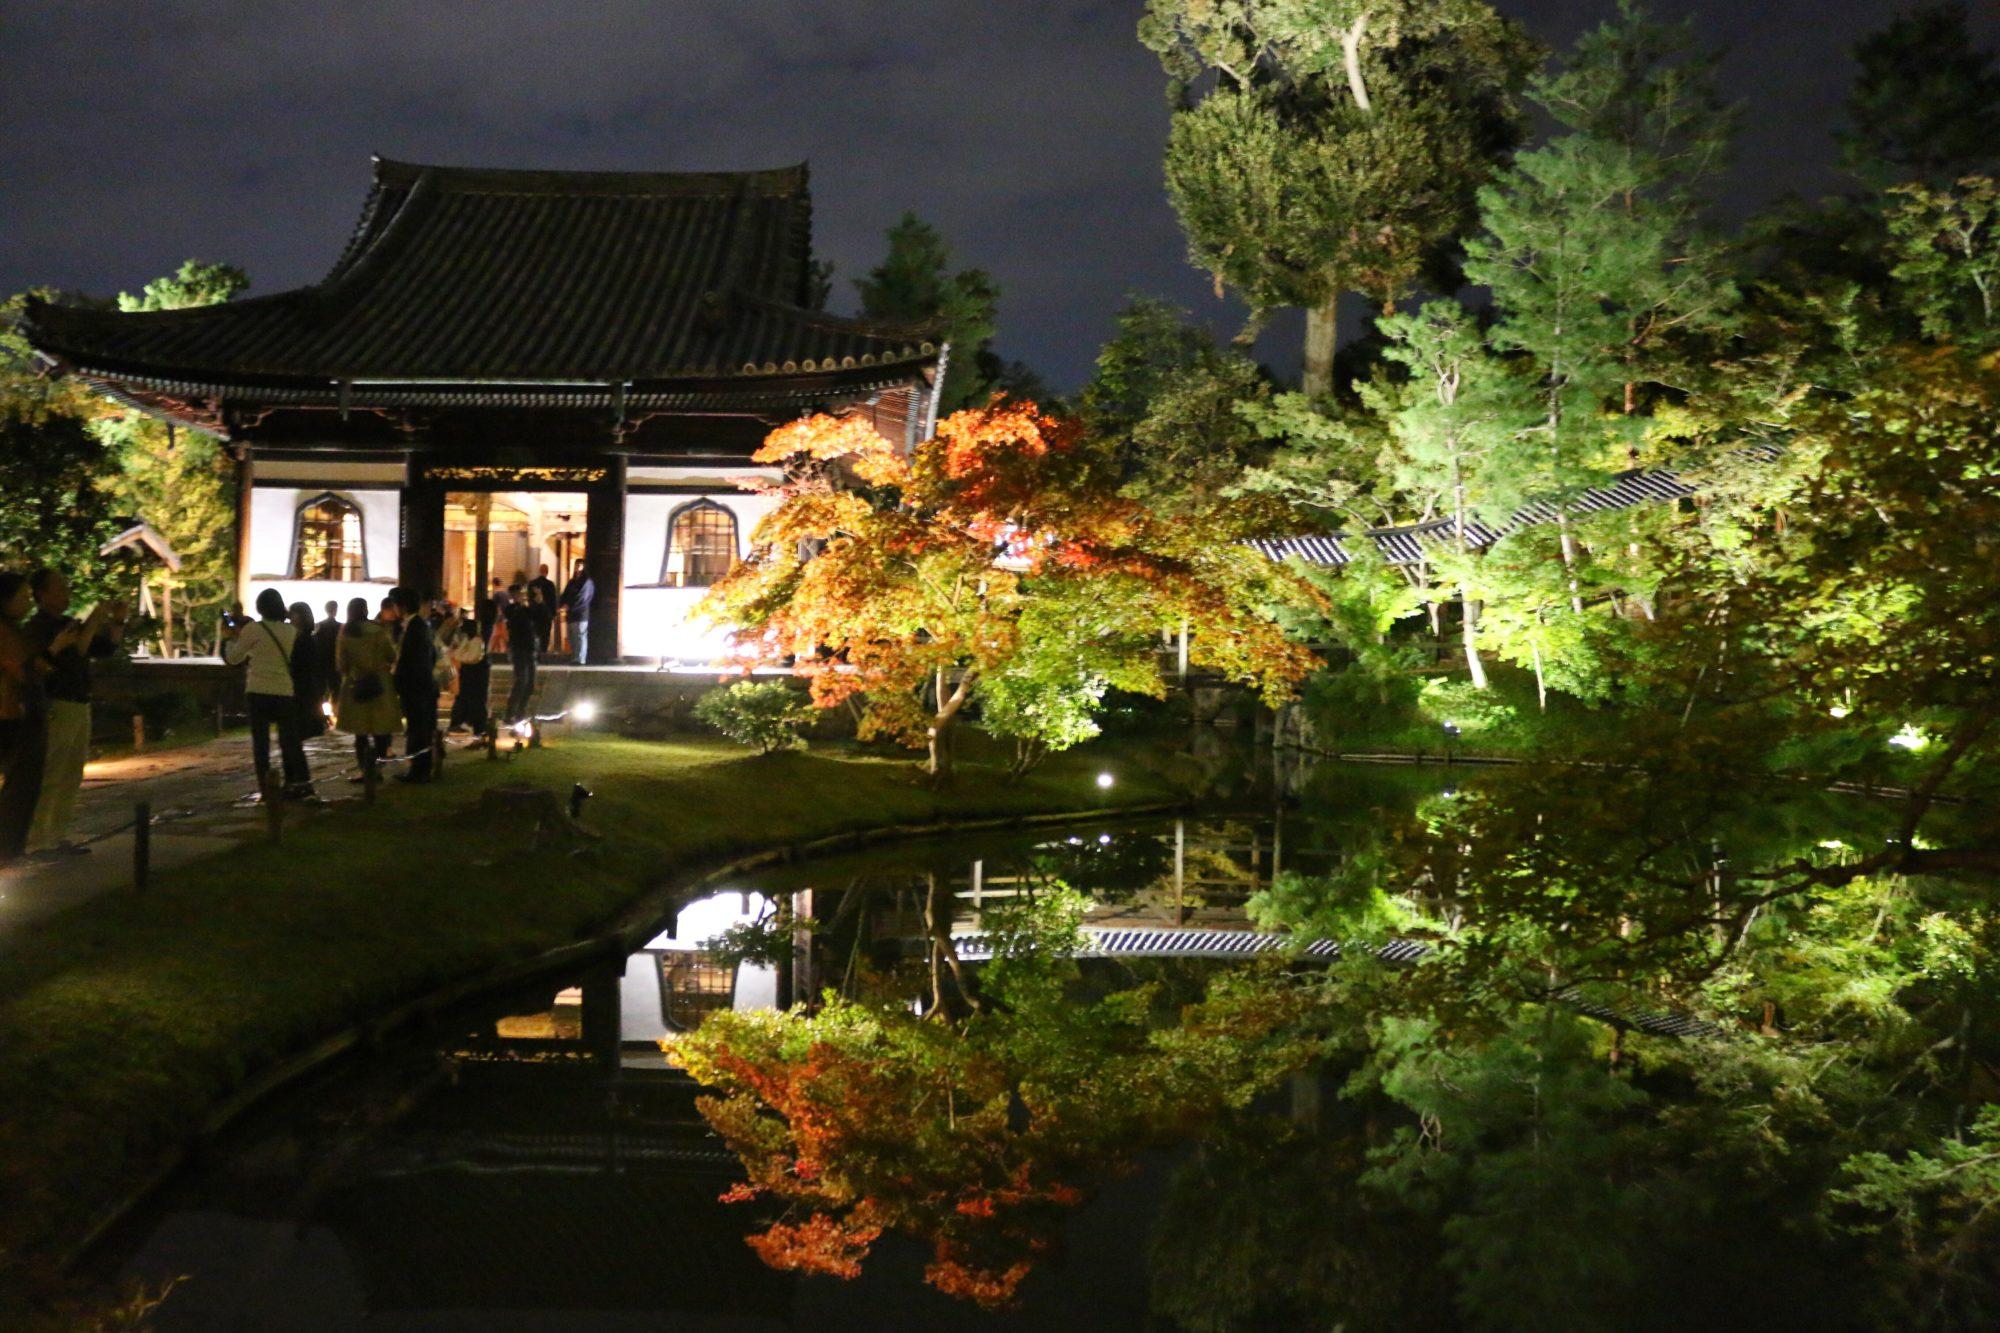 京都 東山 高台寺 秋の夜間拝観の池の美しさに感動